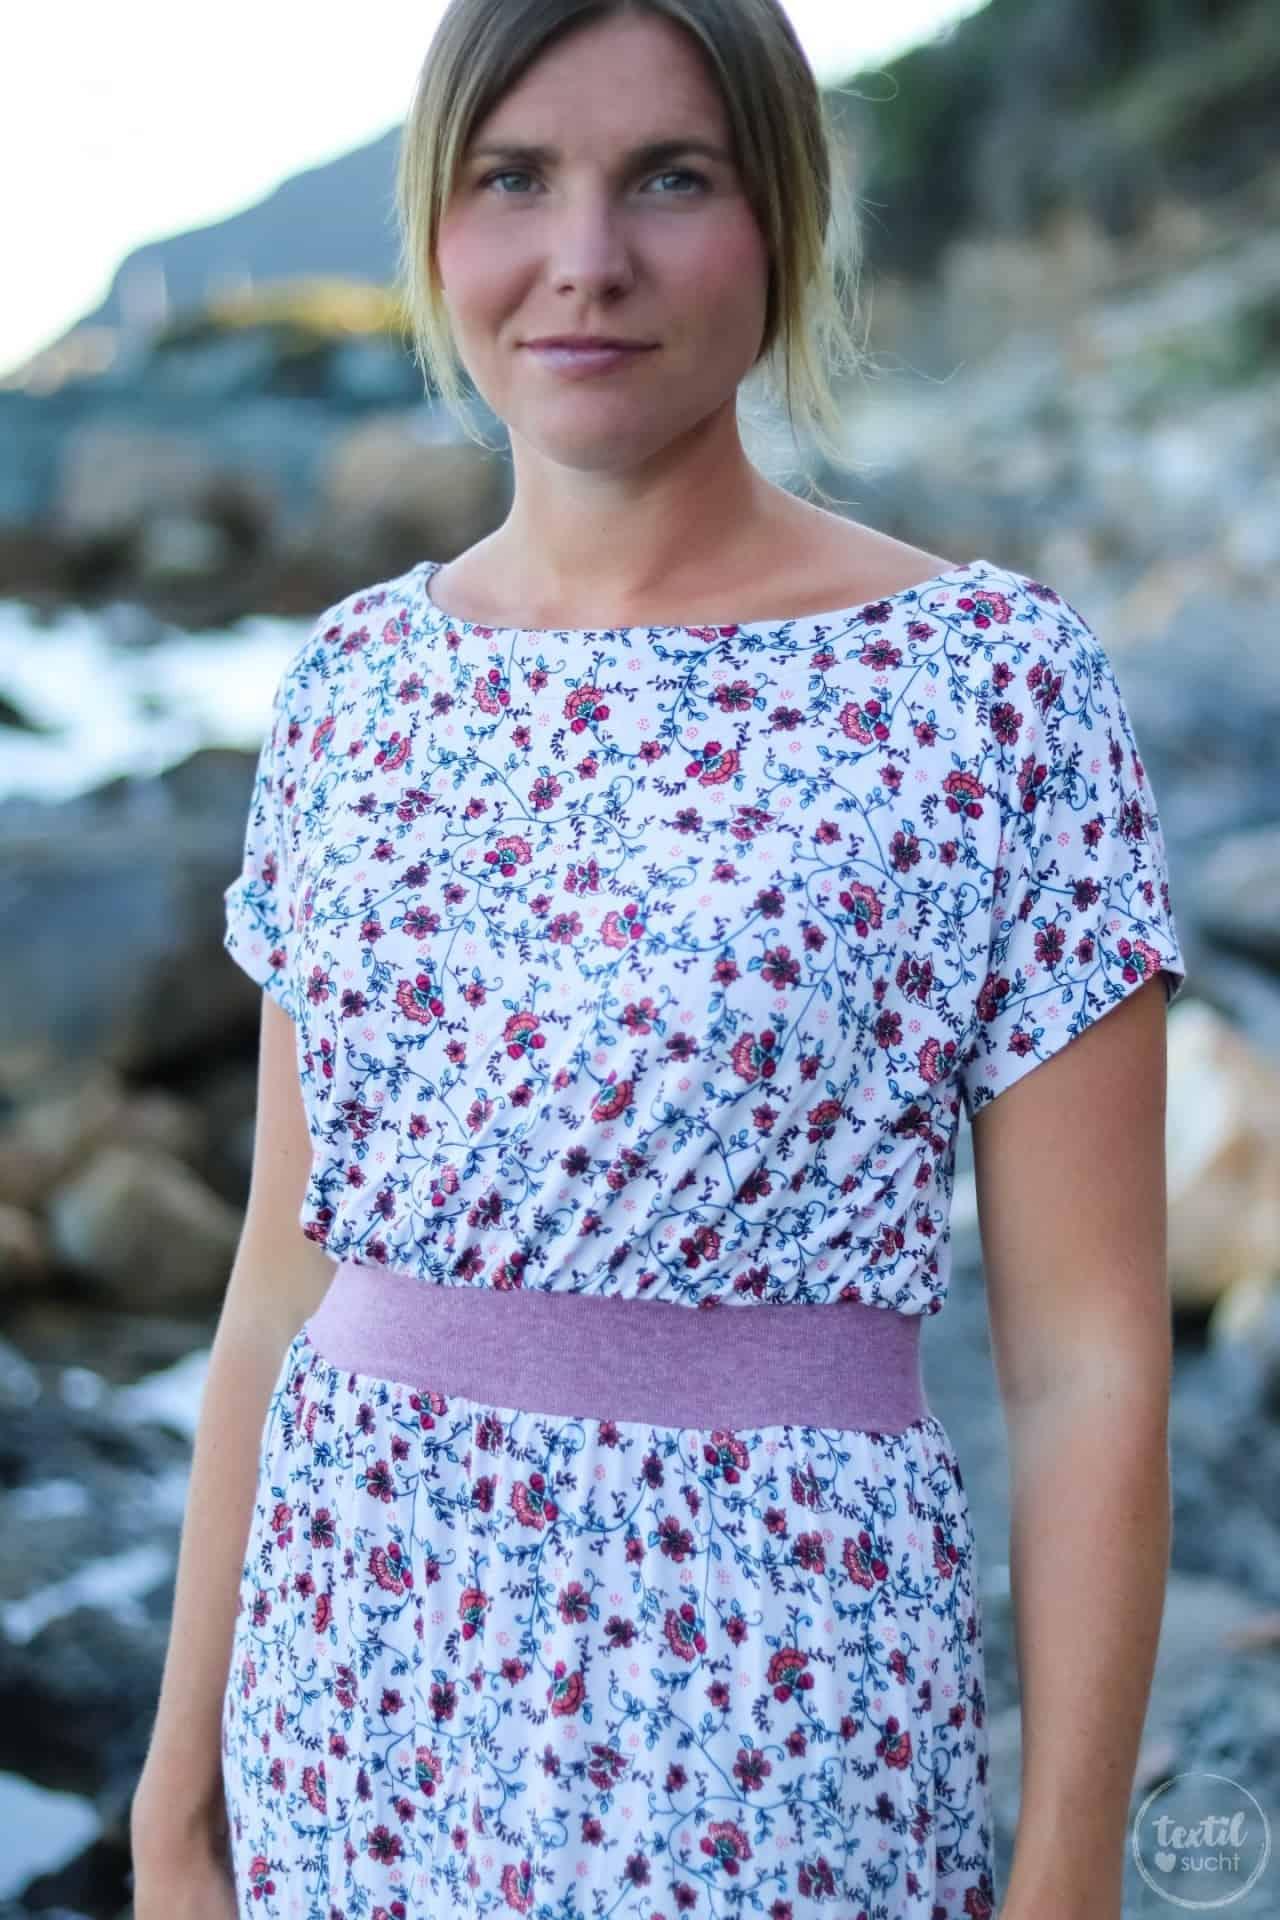 Mein neues Lieblings-Sommerkleid mit Blumenmuster - Bild 2 | textilsucht.de